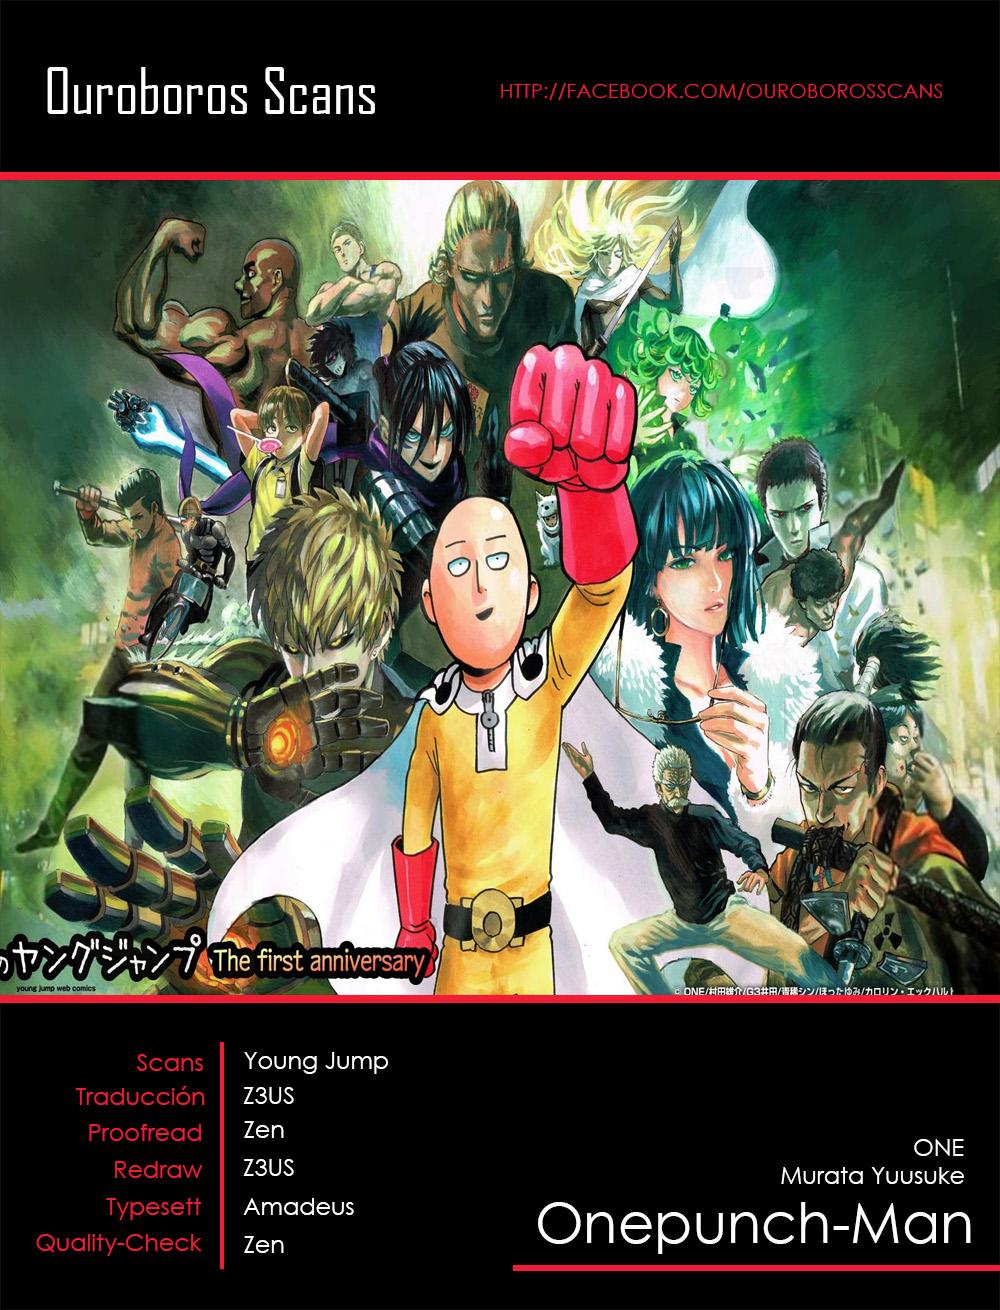 http://c5.ninemanga.com/es_manga/21/14805/377842/6591d327f6f731e589b0e869adadf940.jpg Page 1